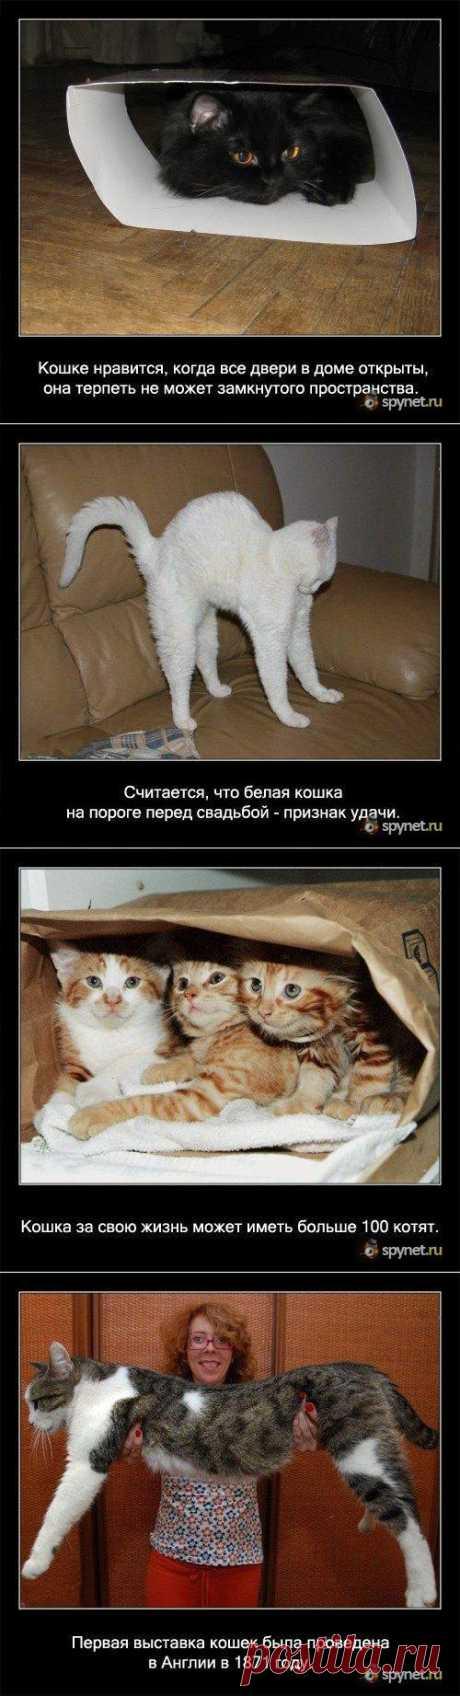 (+1) тема - Некоторые факты о кошках | Четвероногий юмор